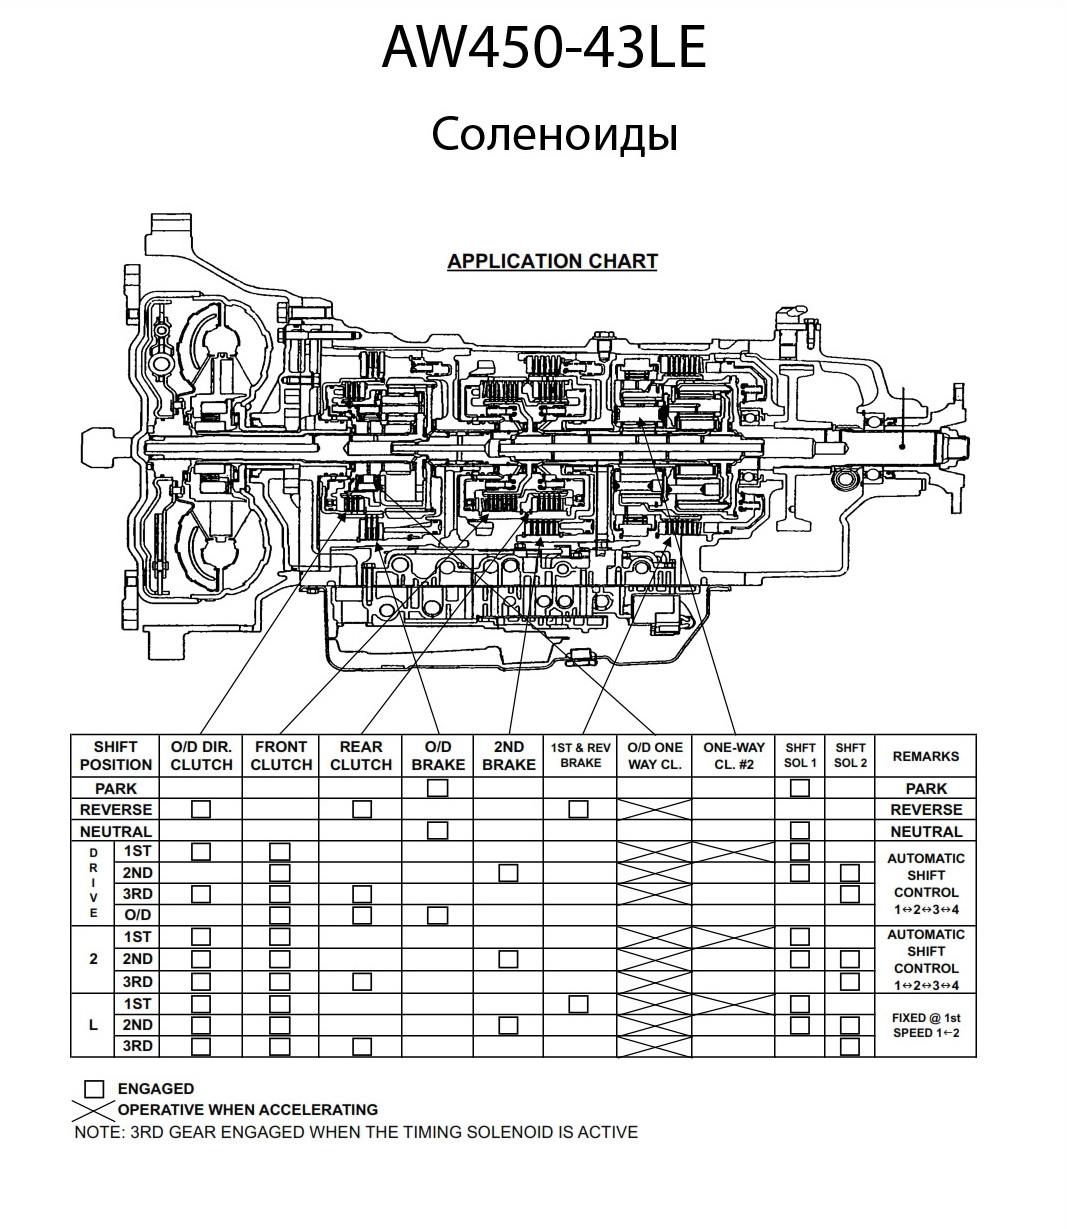 Transmission Repair Manuals Aw 450 43le